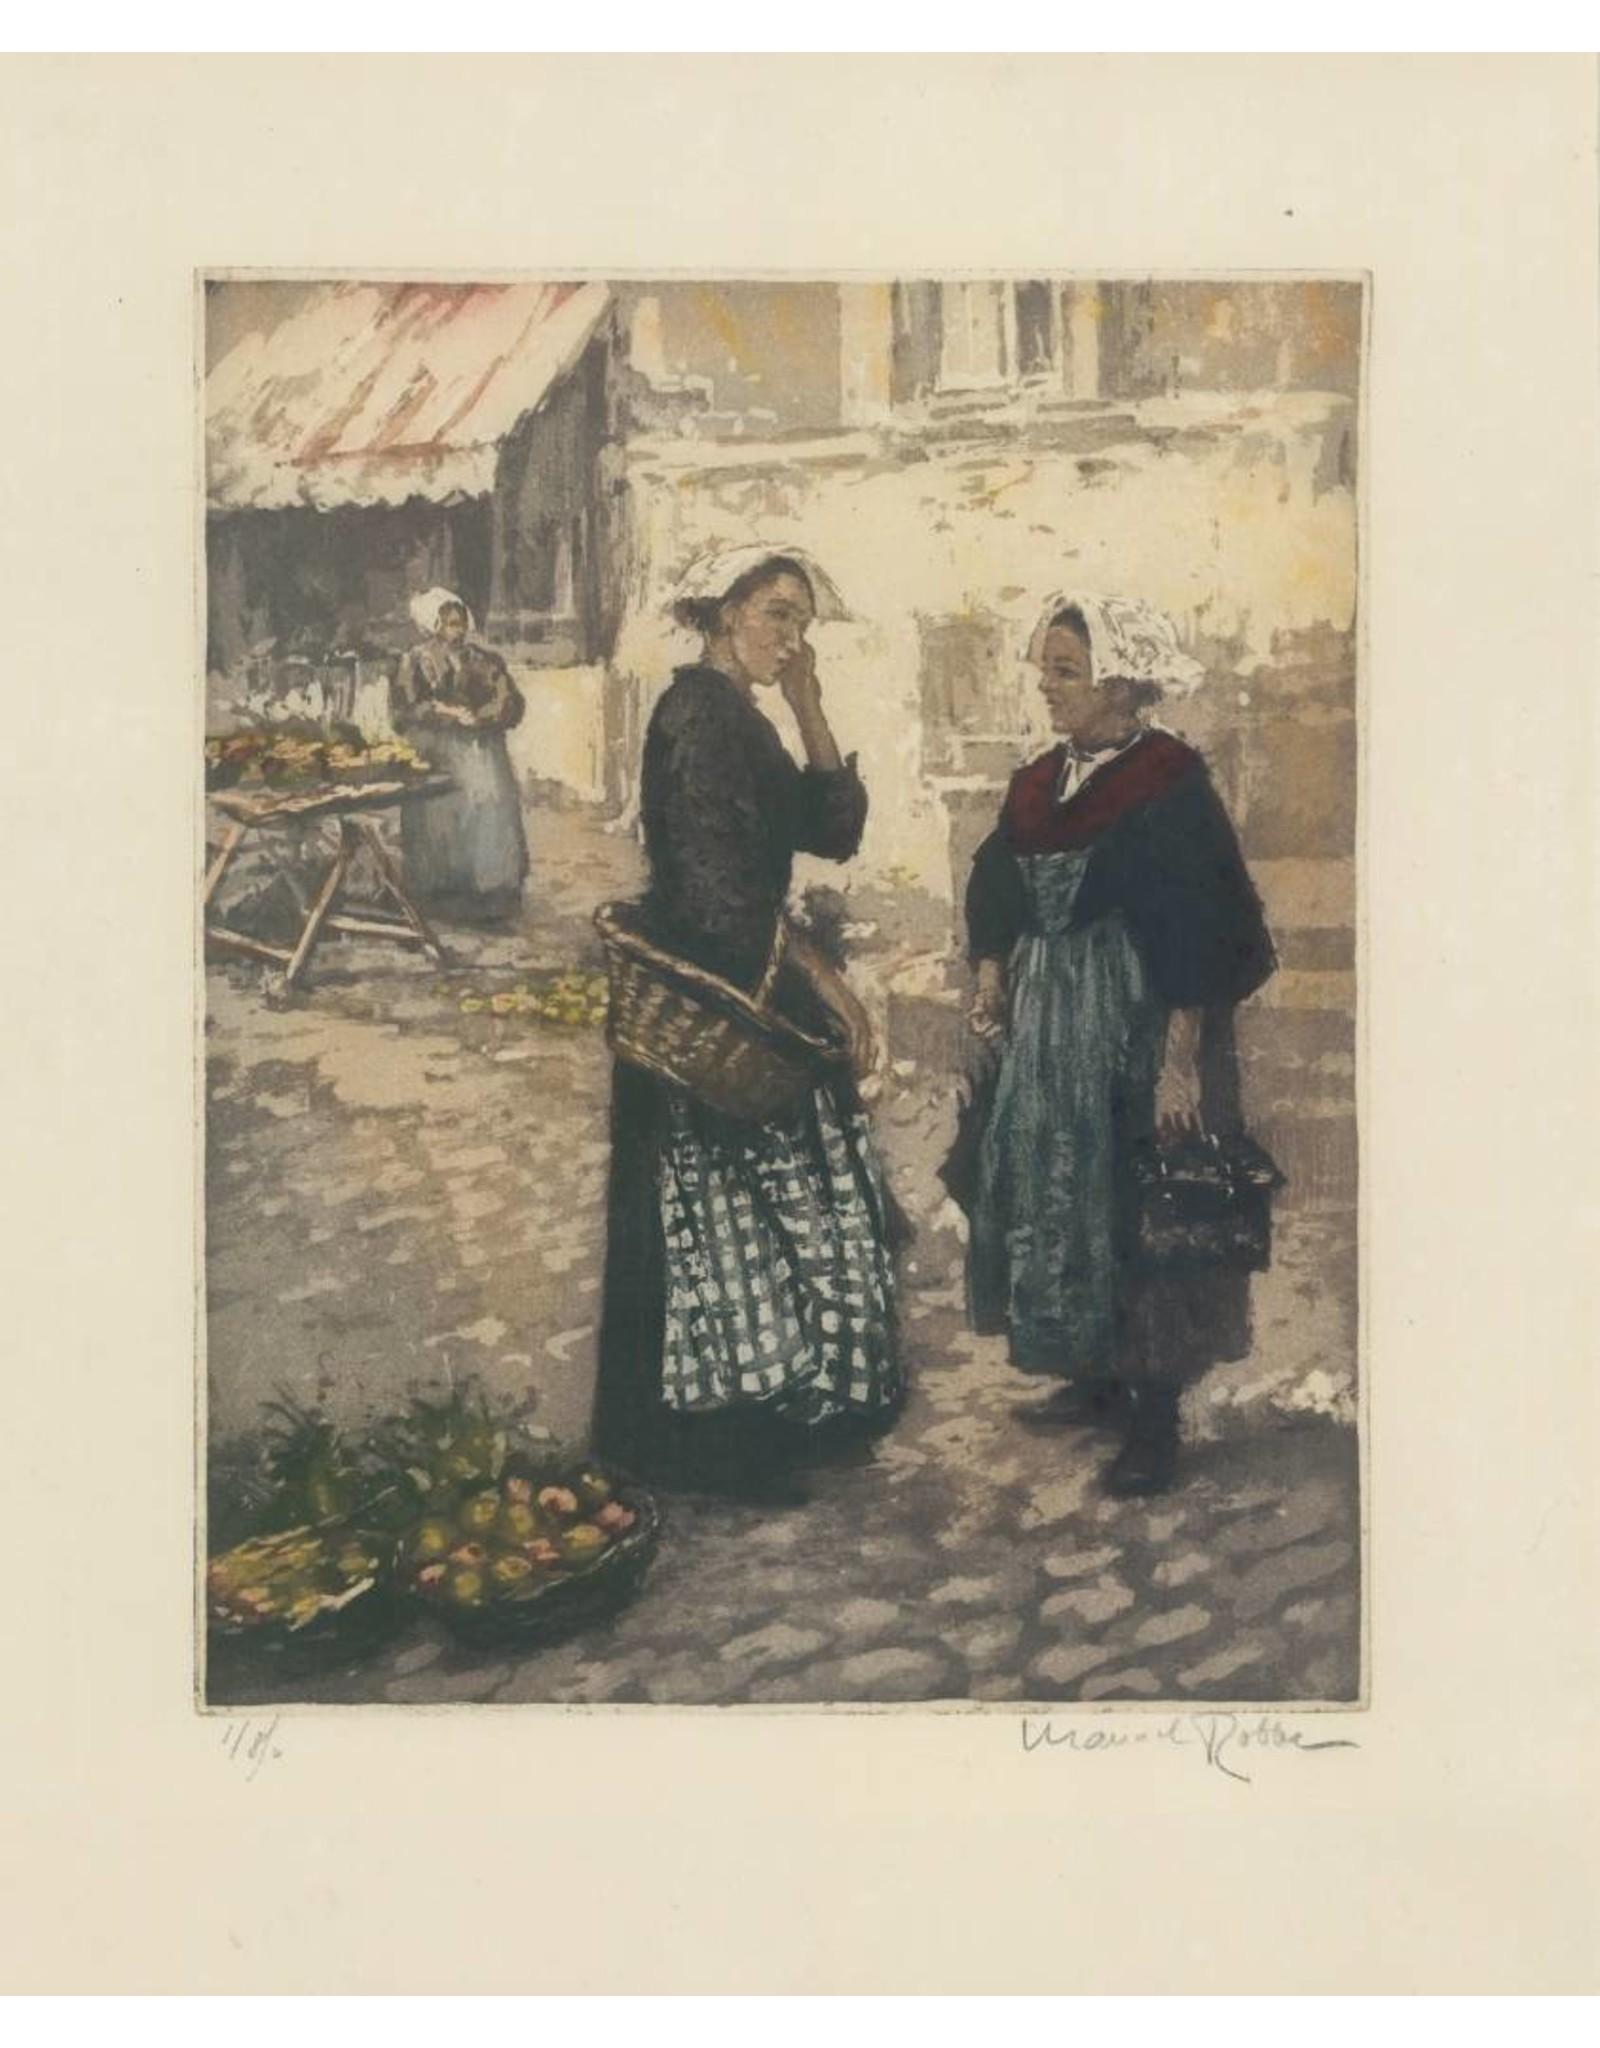 Le Marche Breton